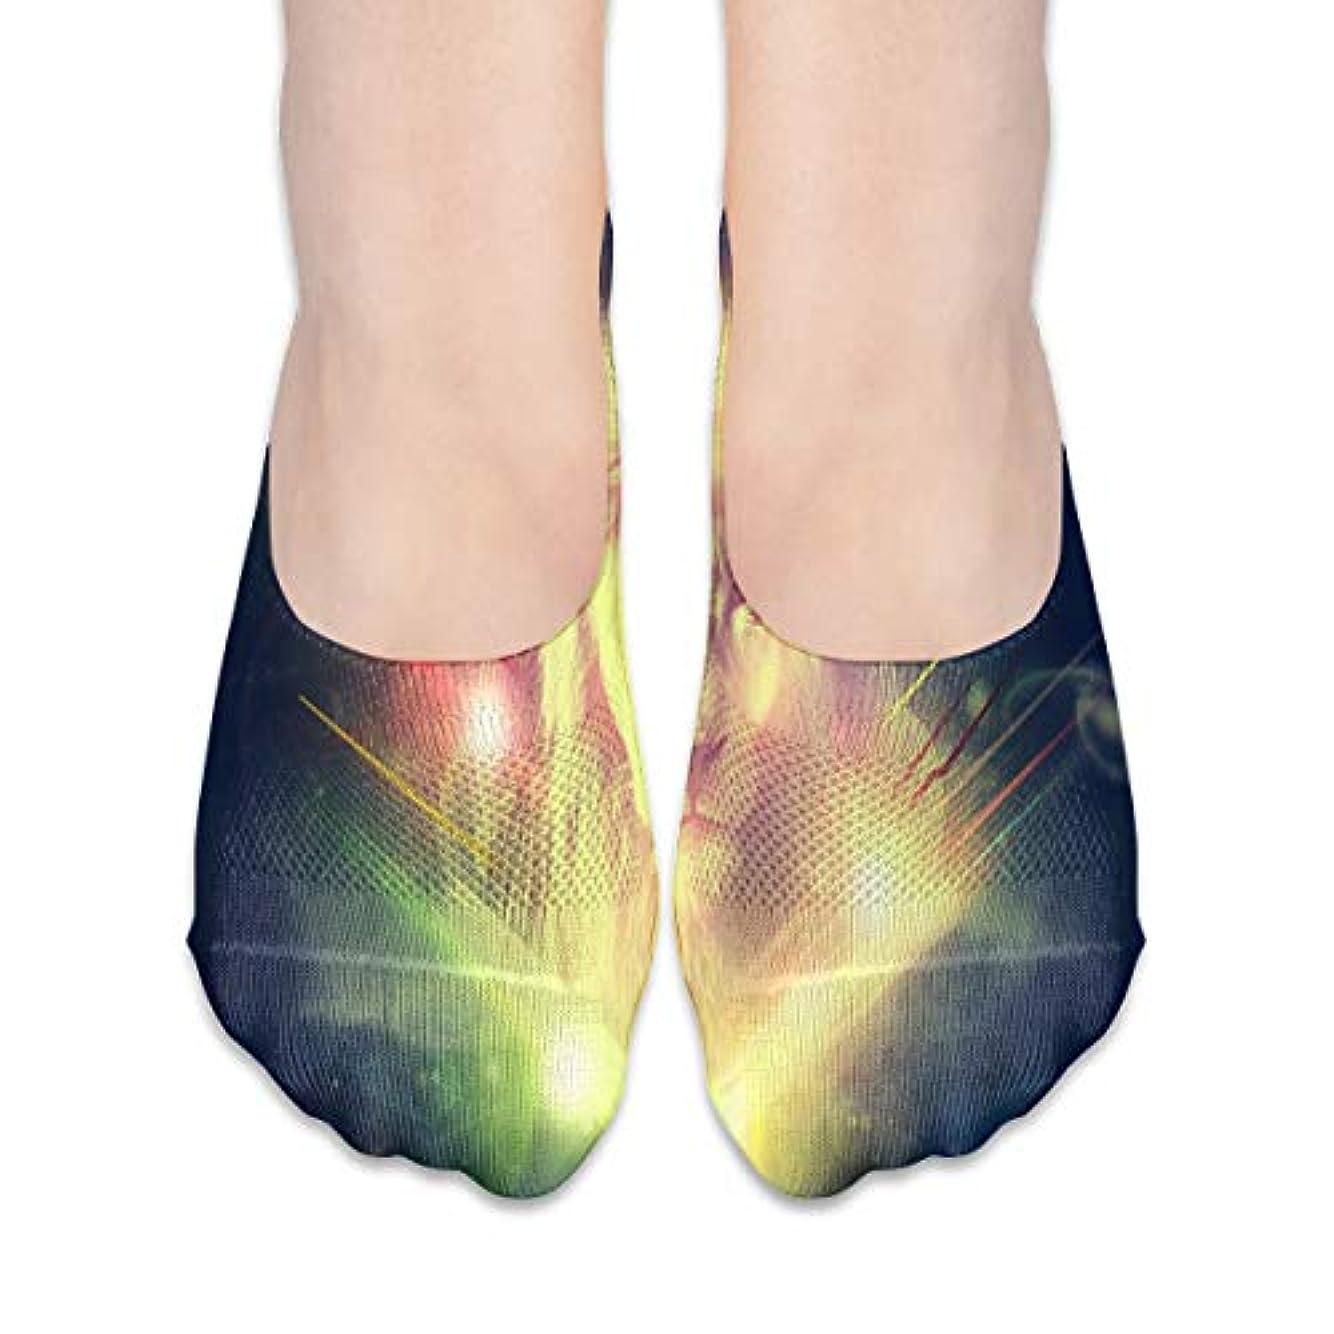 夢イタリアのペレグリネーション女性のためのギャラクシーライオン(2)No Show Socks、ローファーソックスボートシューズソックス